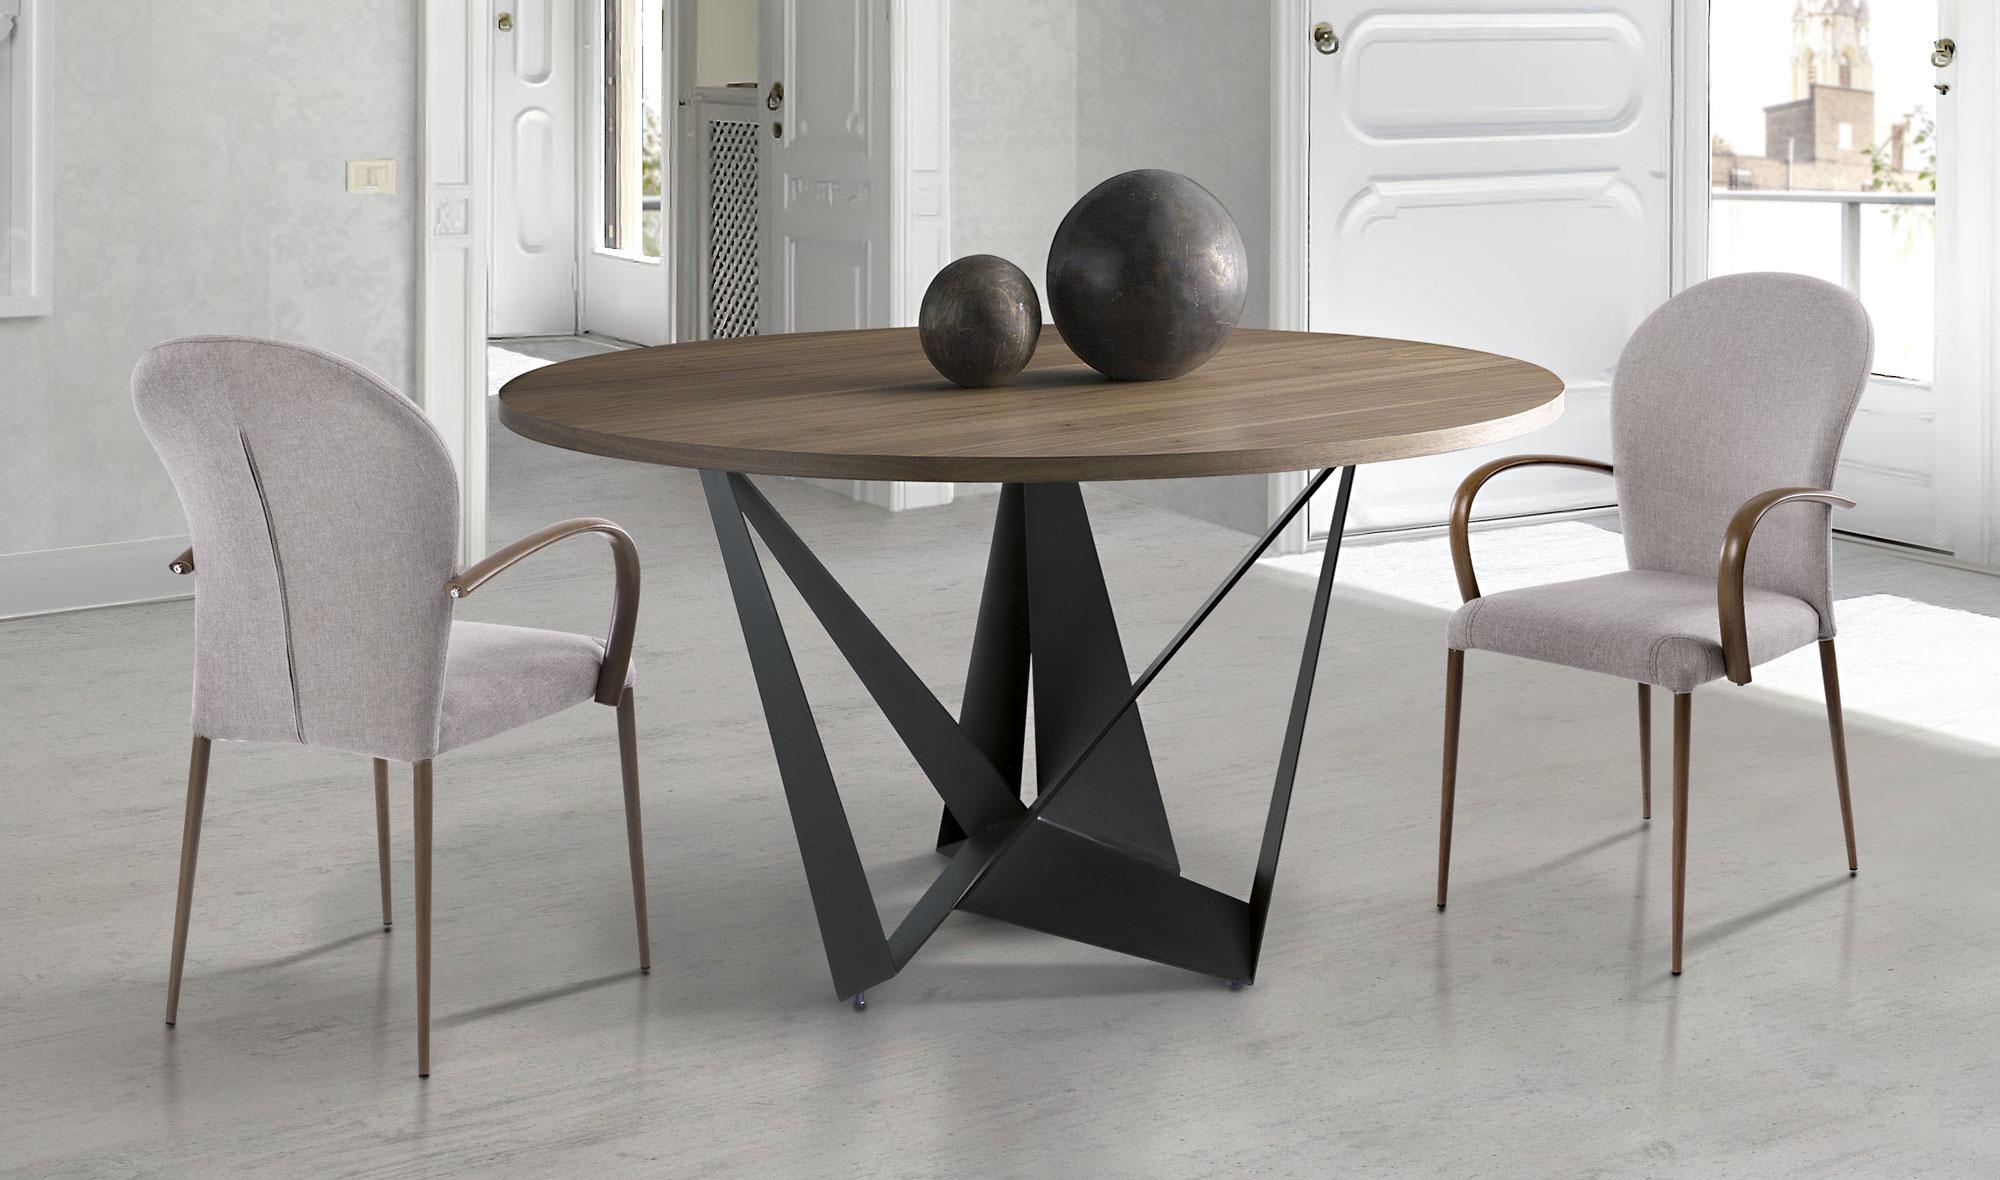 Mesa de comedor redonda moderna sambre no disponible en - Mesa redonda comedor ...